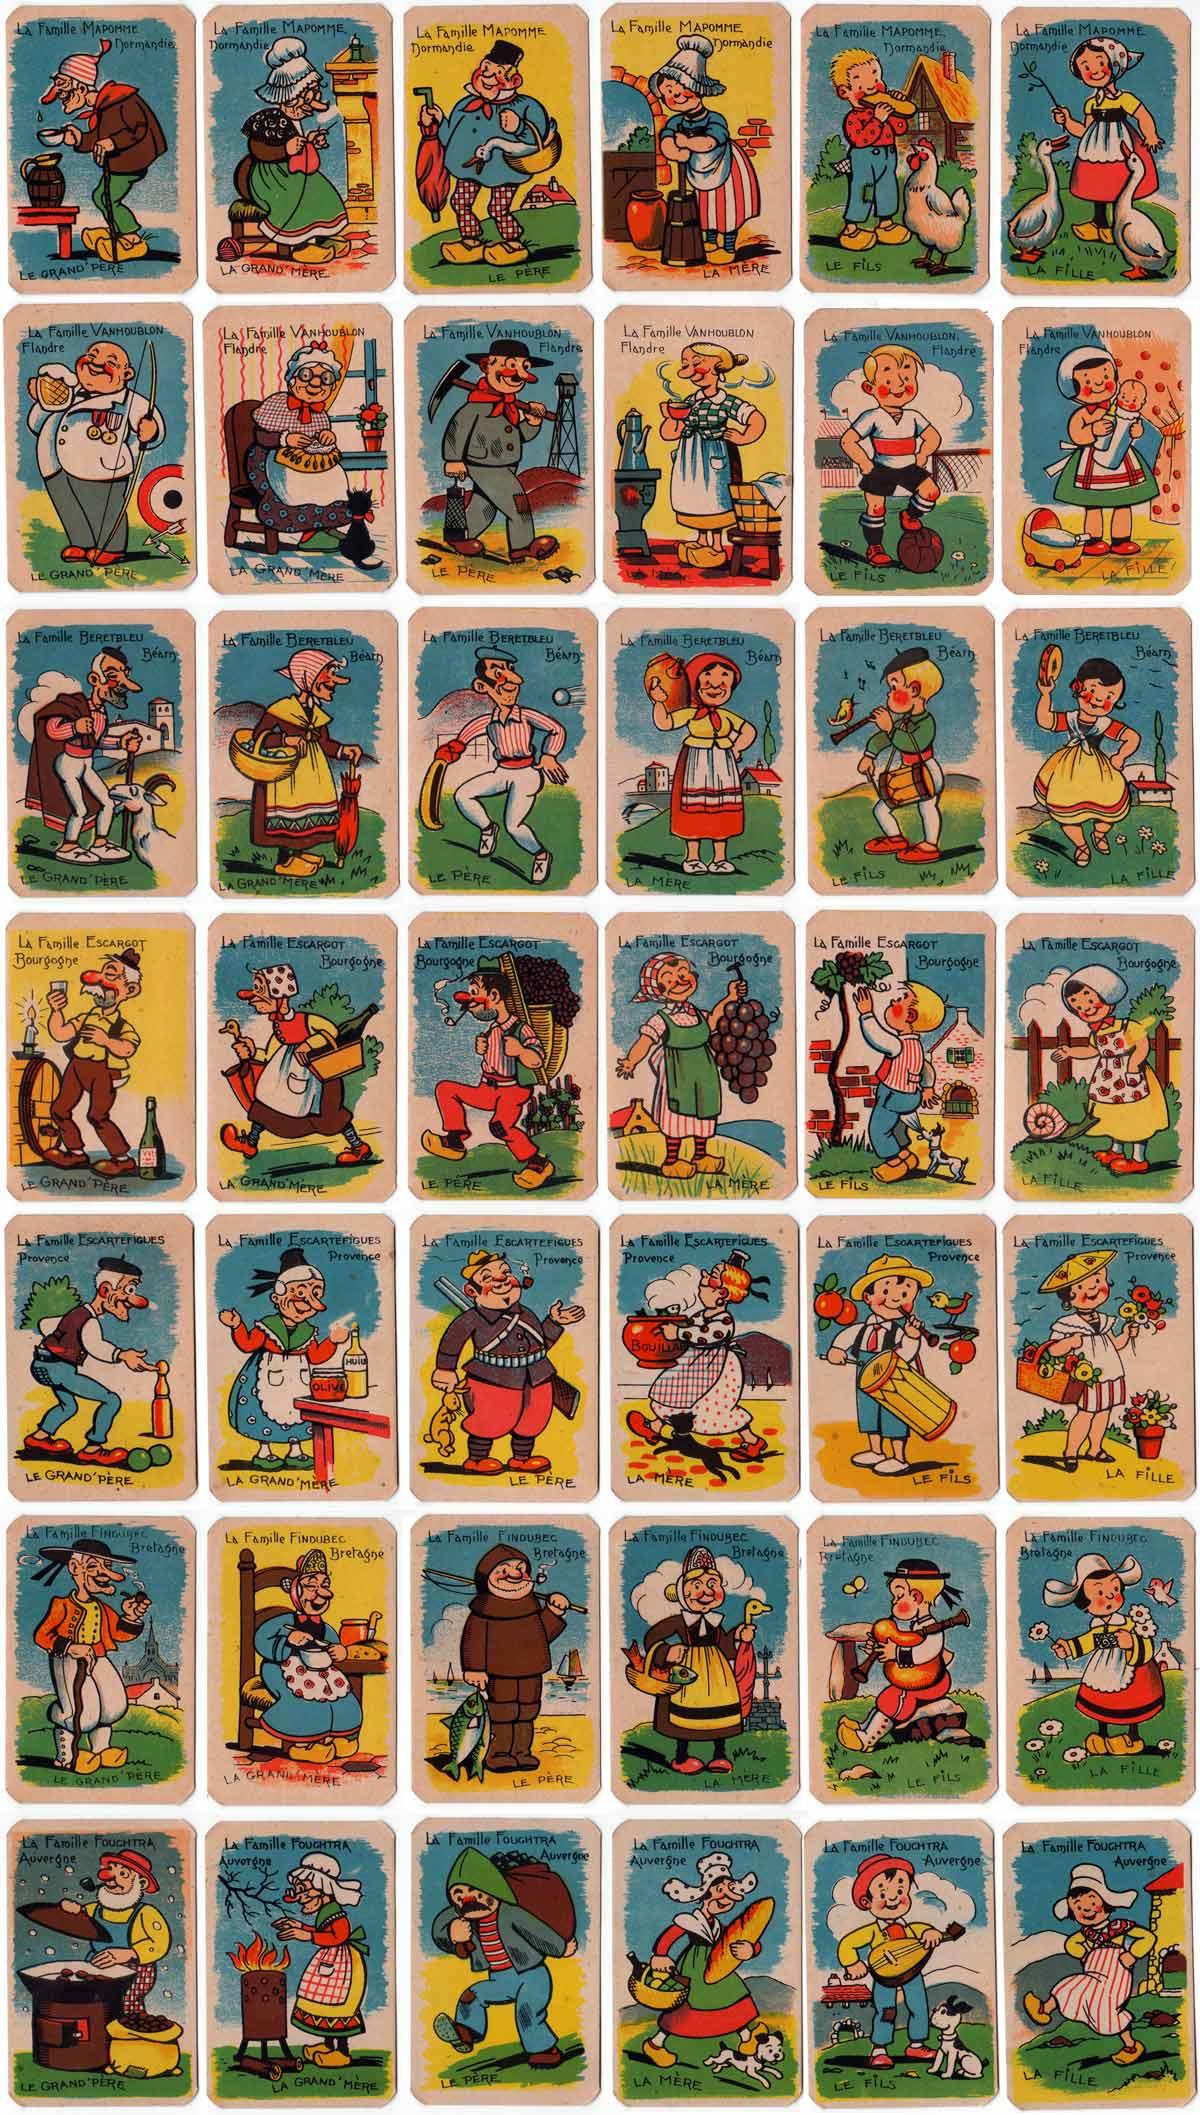 Jeu des 7 Familles Provinciales printed by Imprimerie Nisse, c.1930s